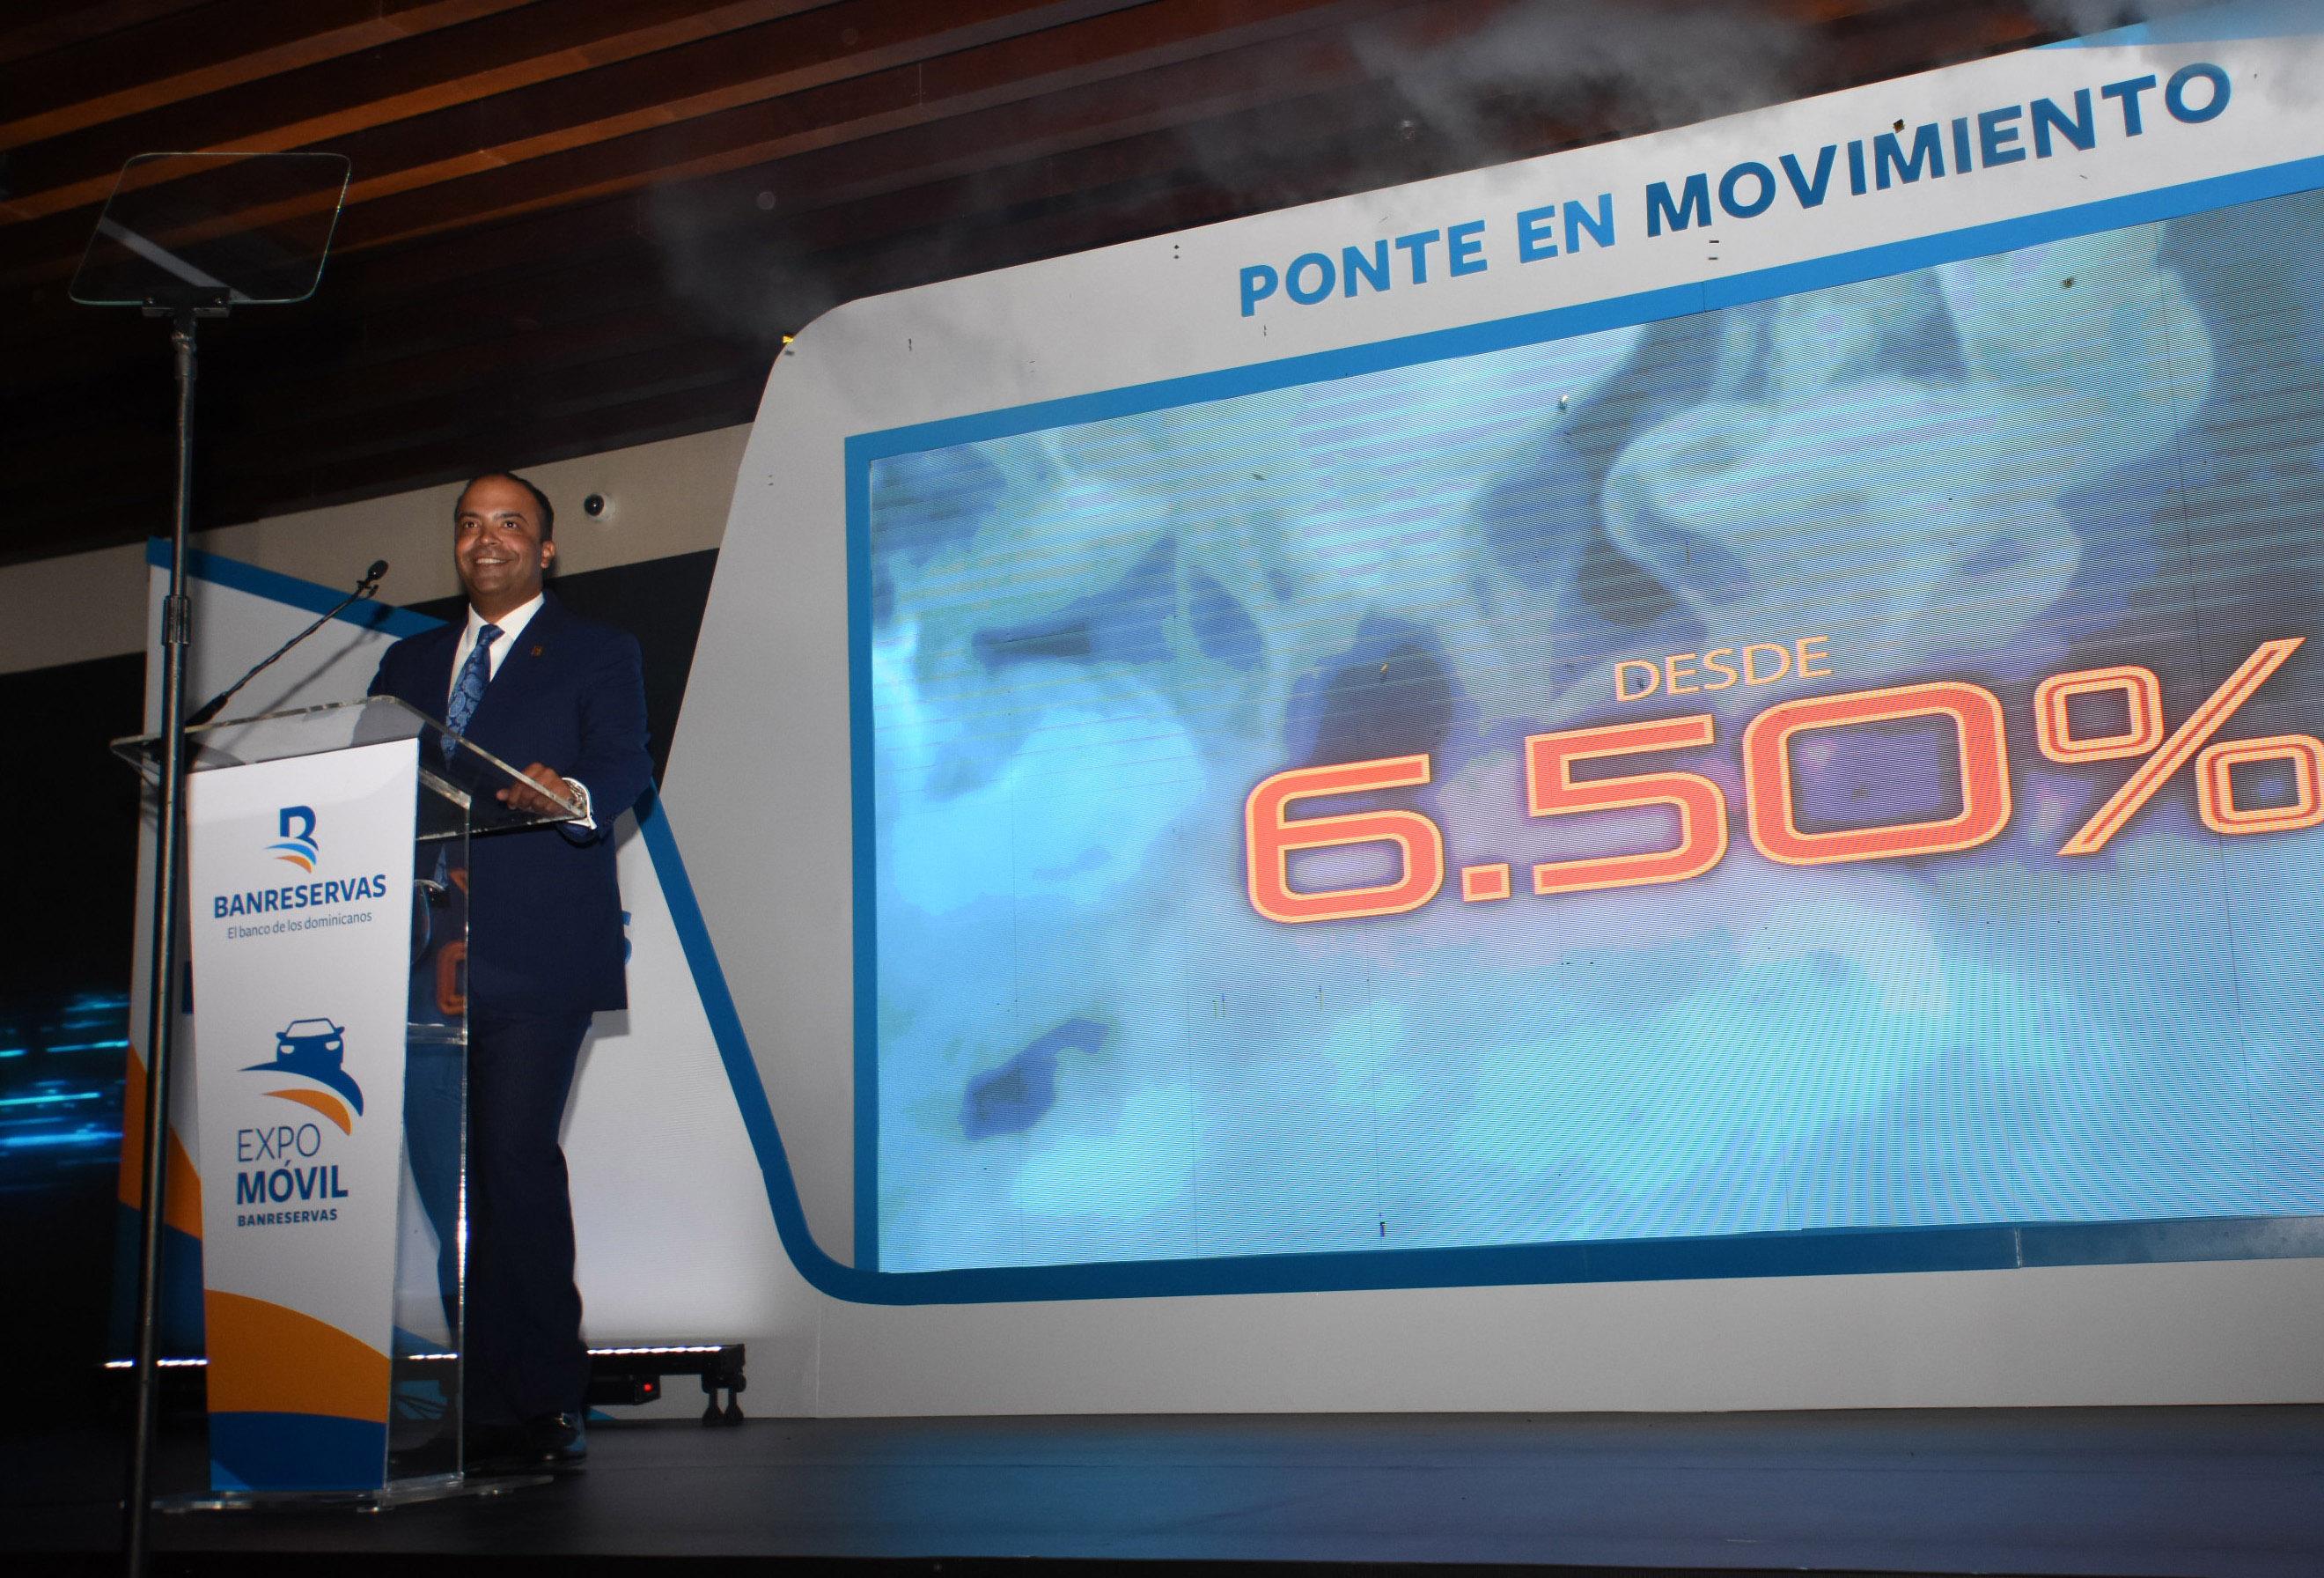 Con tasas fijas desde 6.50 % Banreservas inaugura Expomóvil 2020